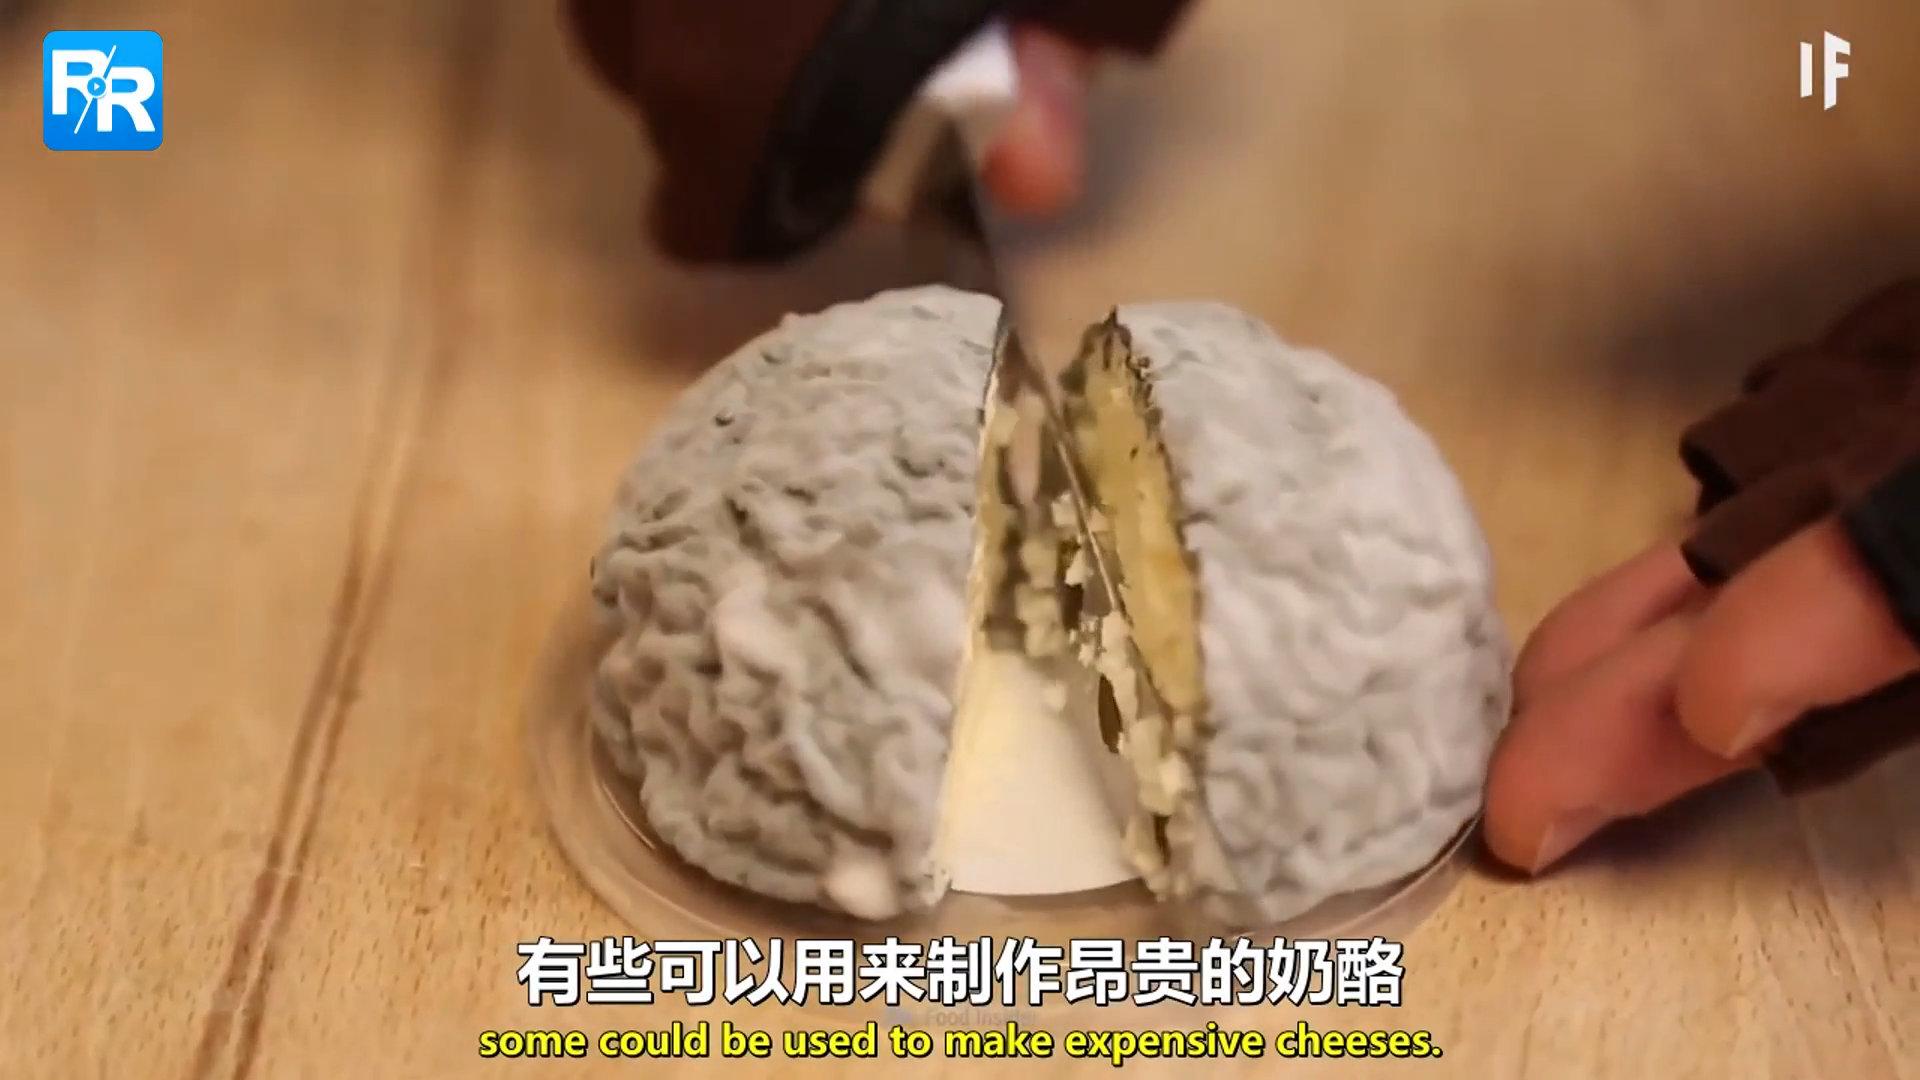 发霉的东西可以吃吗?如果在相对易咀嚼的软食品中发现霉菌